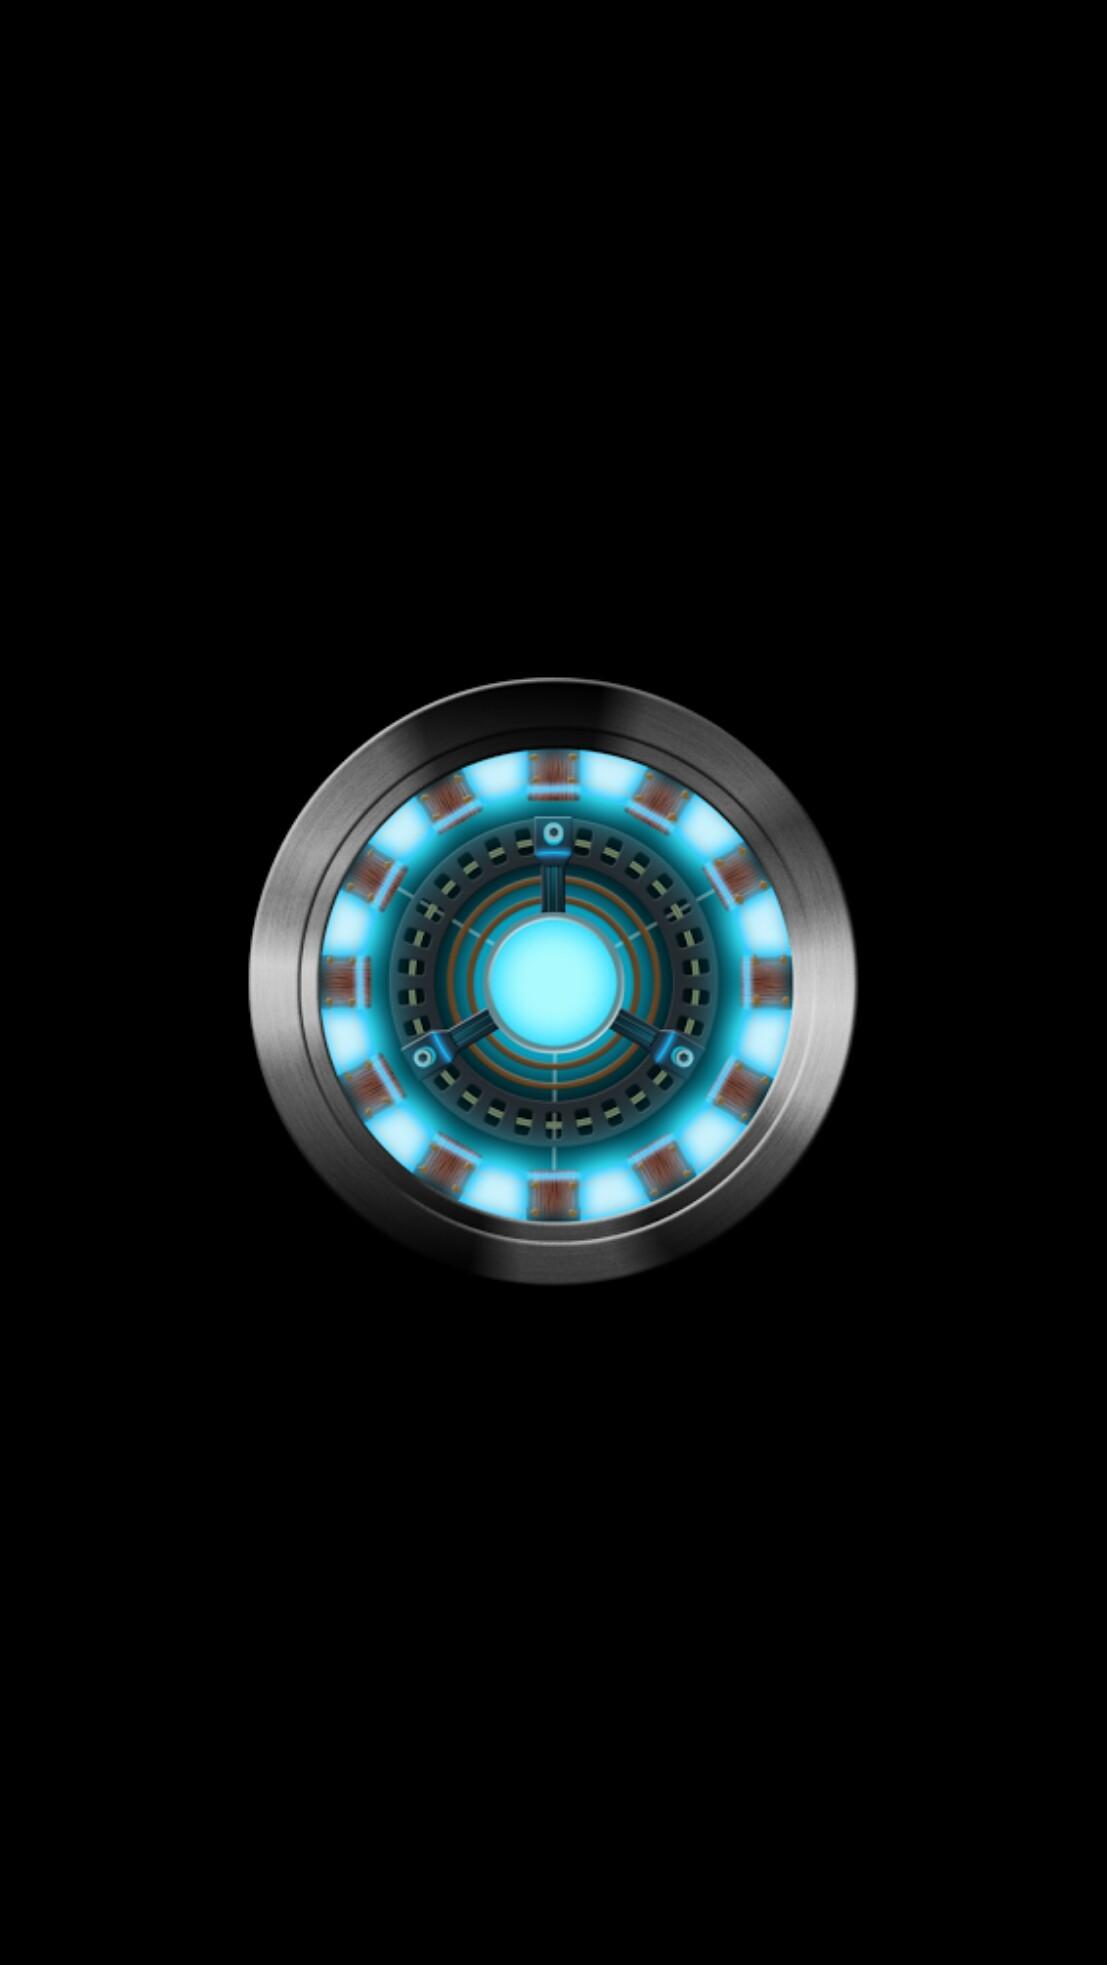 1920x1080 DIY Iron Man Arc Reactor Prop